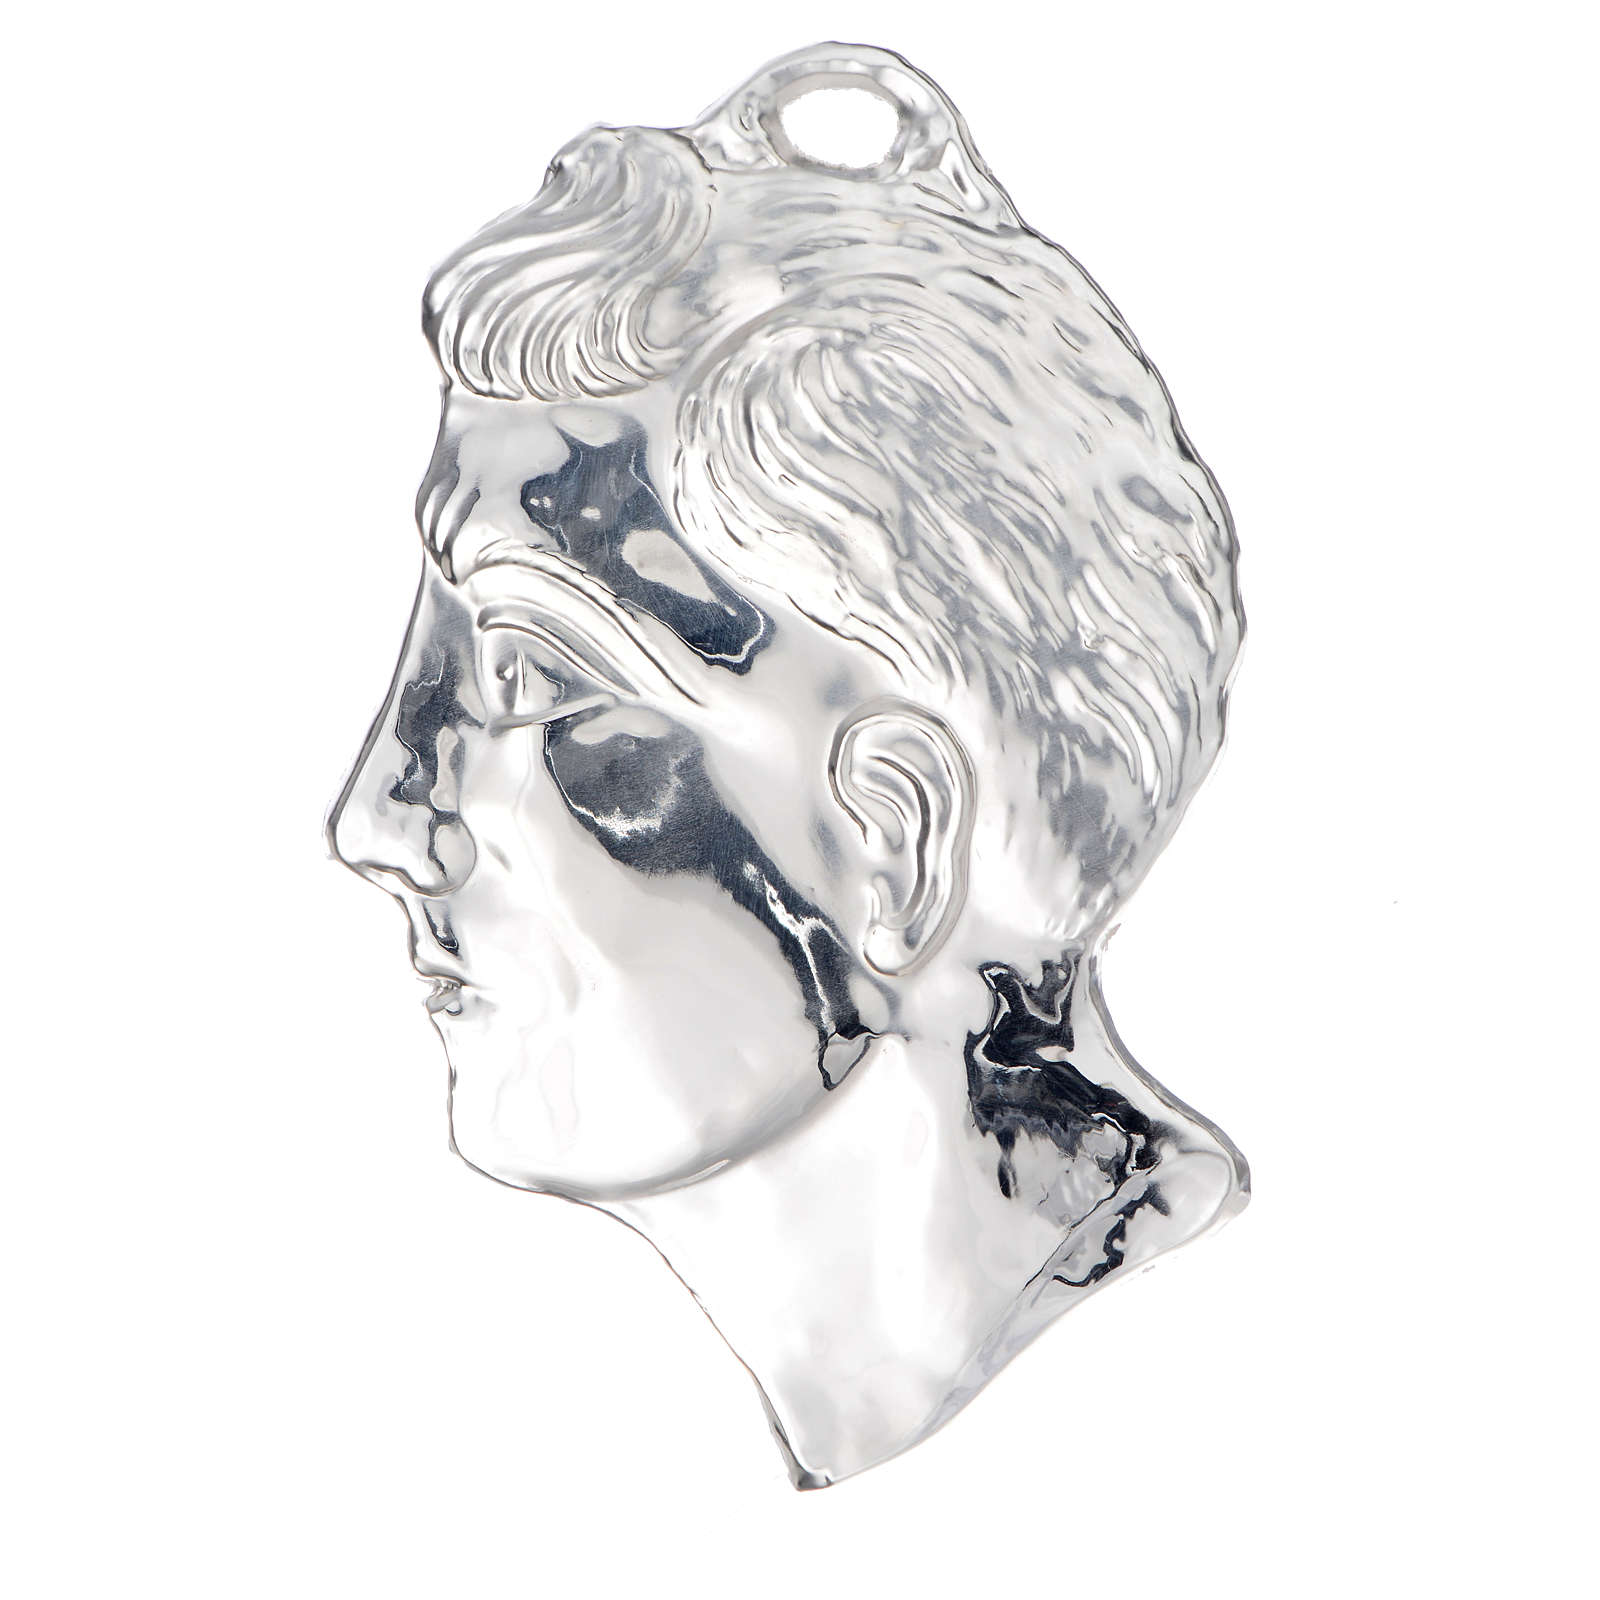 Ex-voto cabeza de hombre plata 925 o metal 13 cm. 3